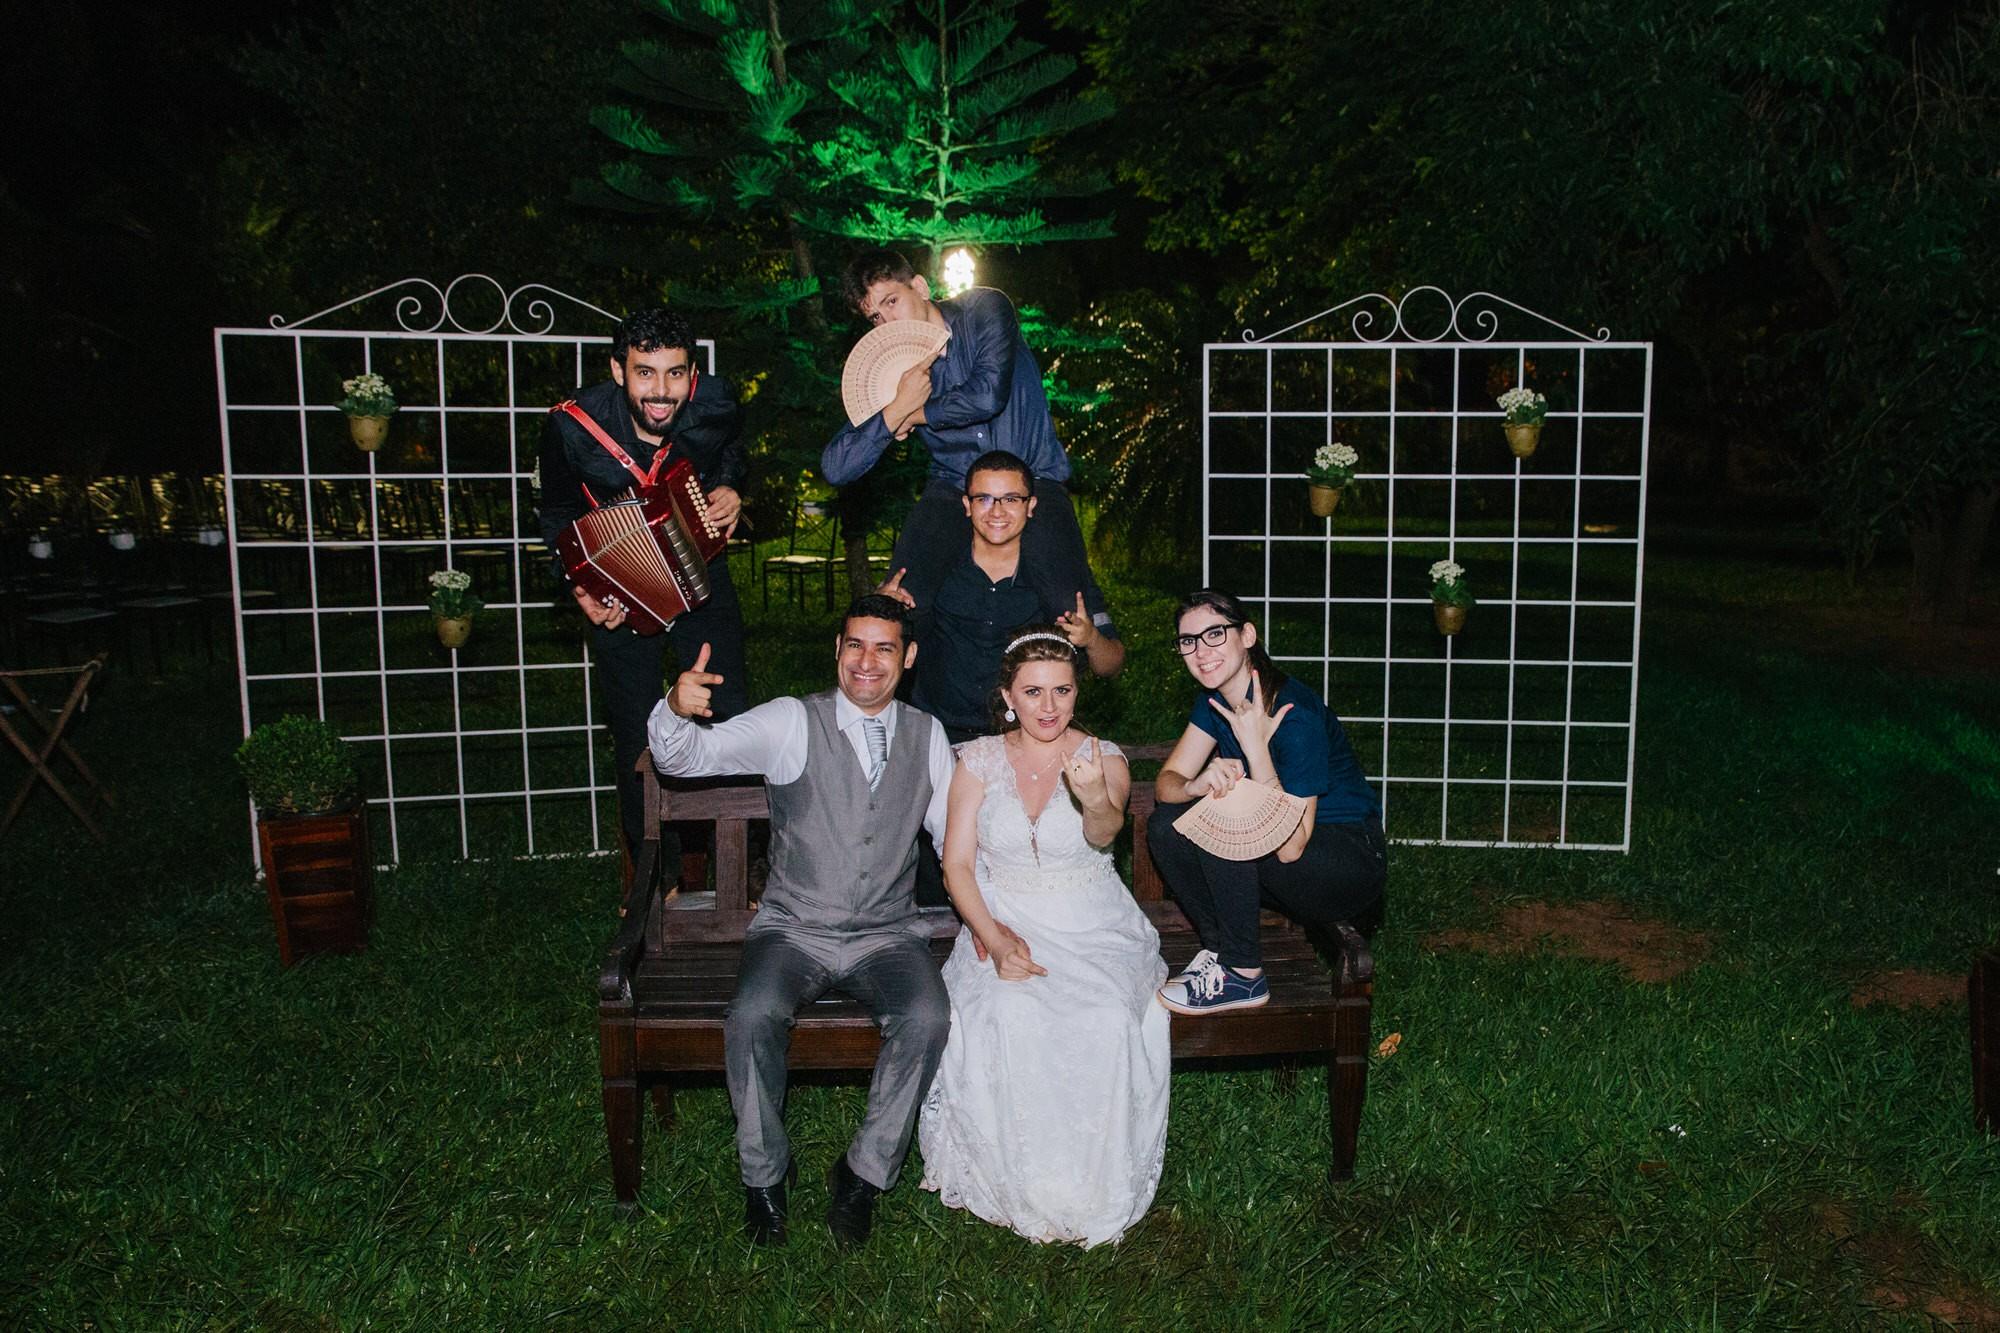 Fabio e Gisele - Casamento em Mundo Novo - MS por Lorran Souza e Léia Sotile - fotografo de casamentos - 00046